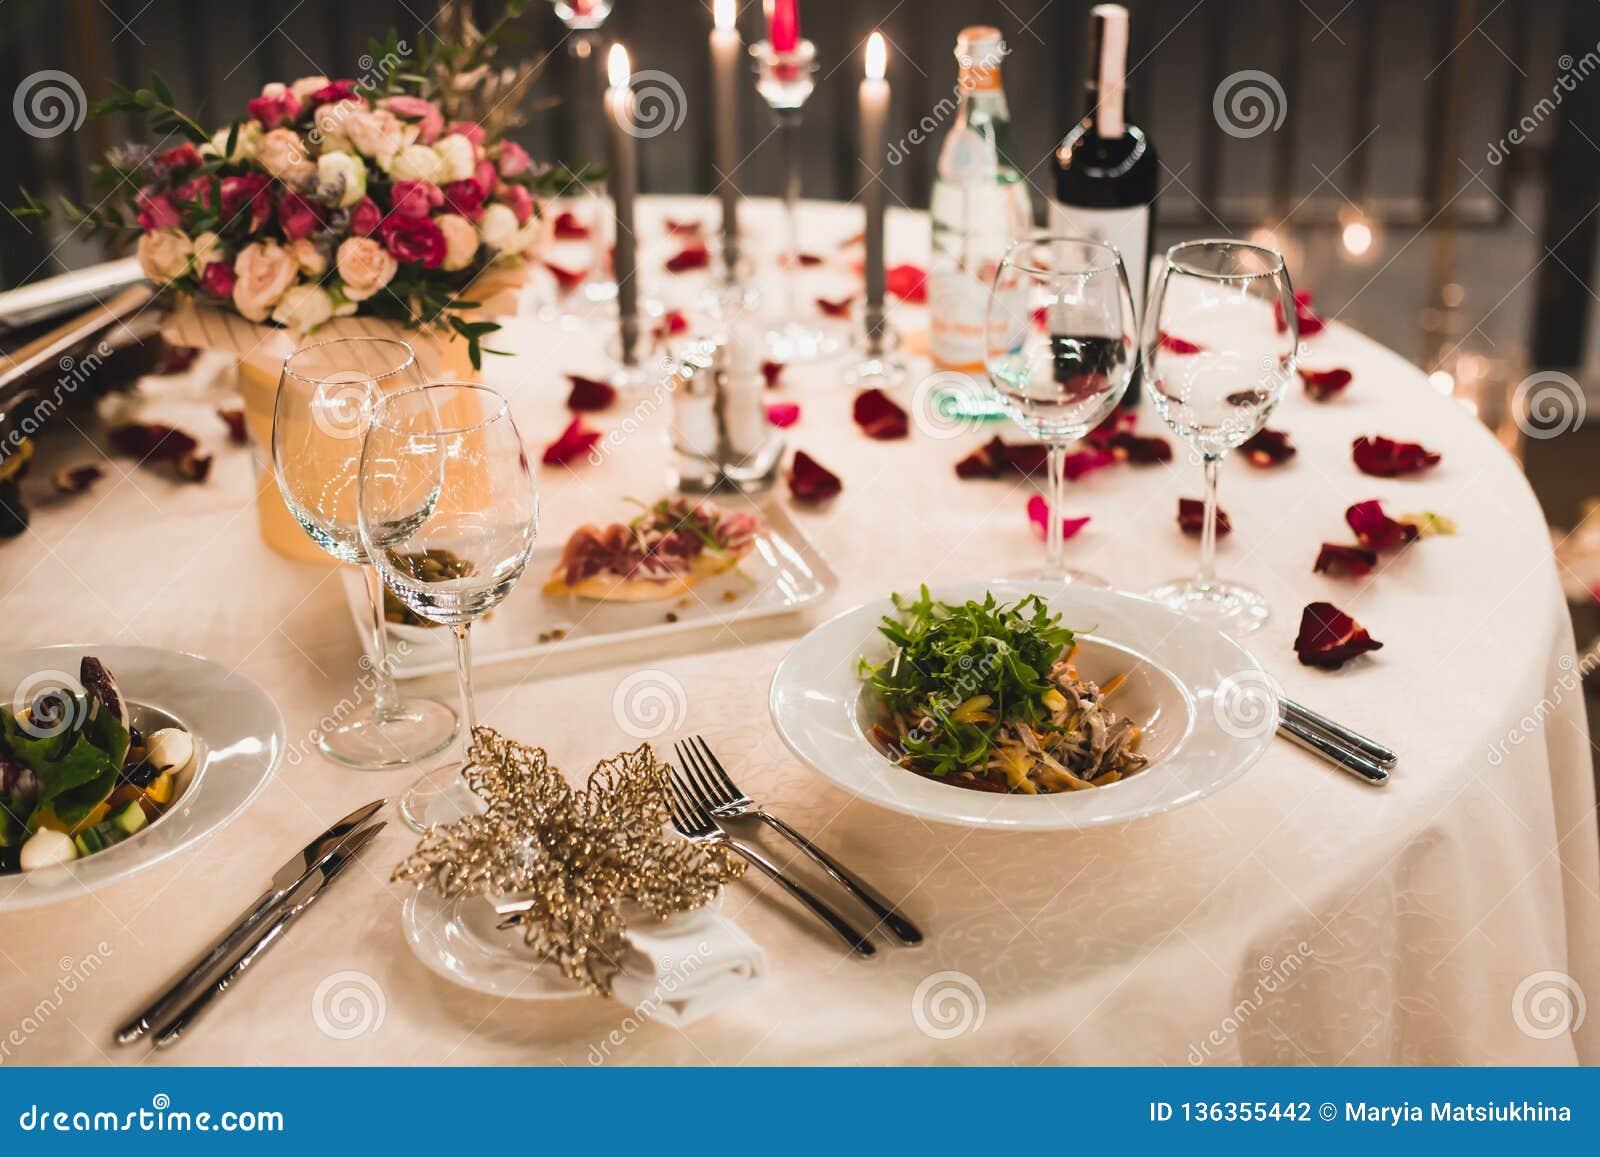 Romantisches Gedeck mit Wein, schöne Blumen im Kasten, leere Gläser, stieg Blumenblätter und Kerzen